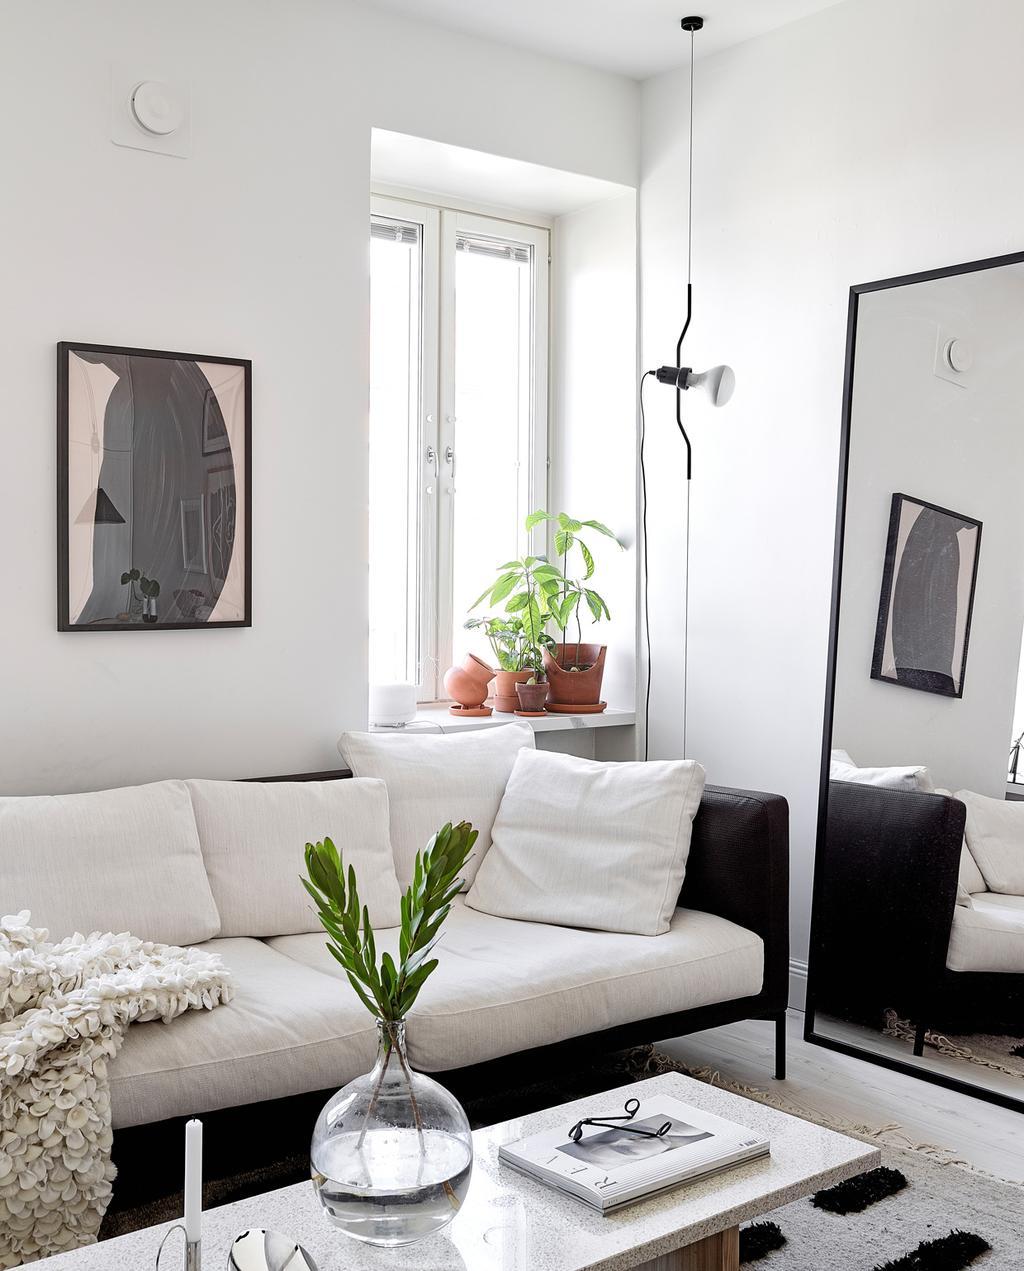 vtwonen special tiny houses | zwarte bank in de woonkamer met witte kussens in zwart-witte design loft